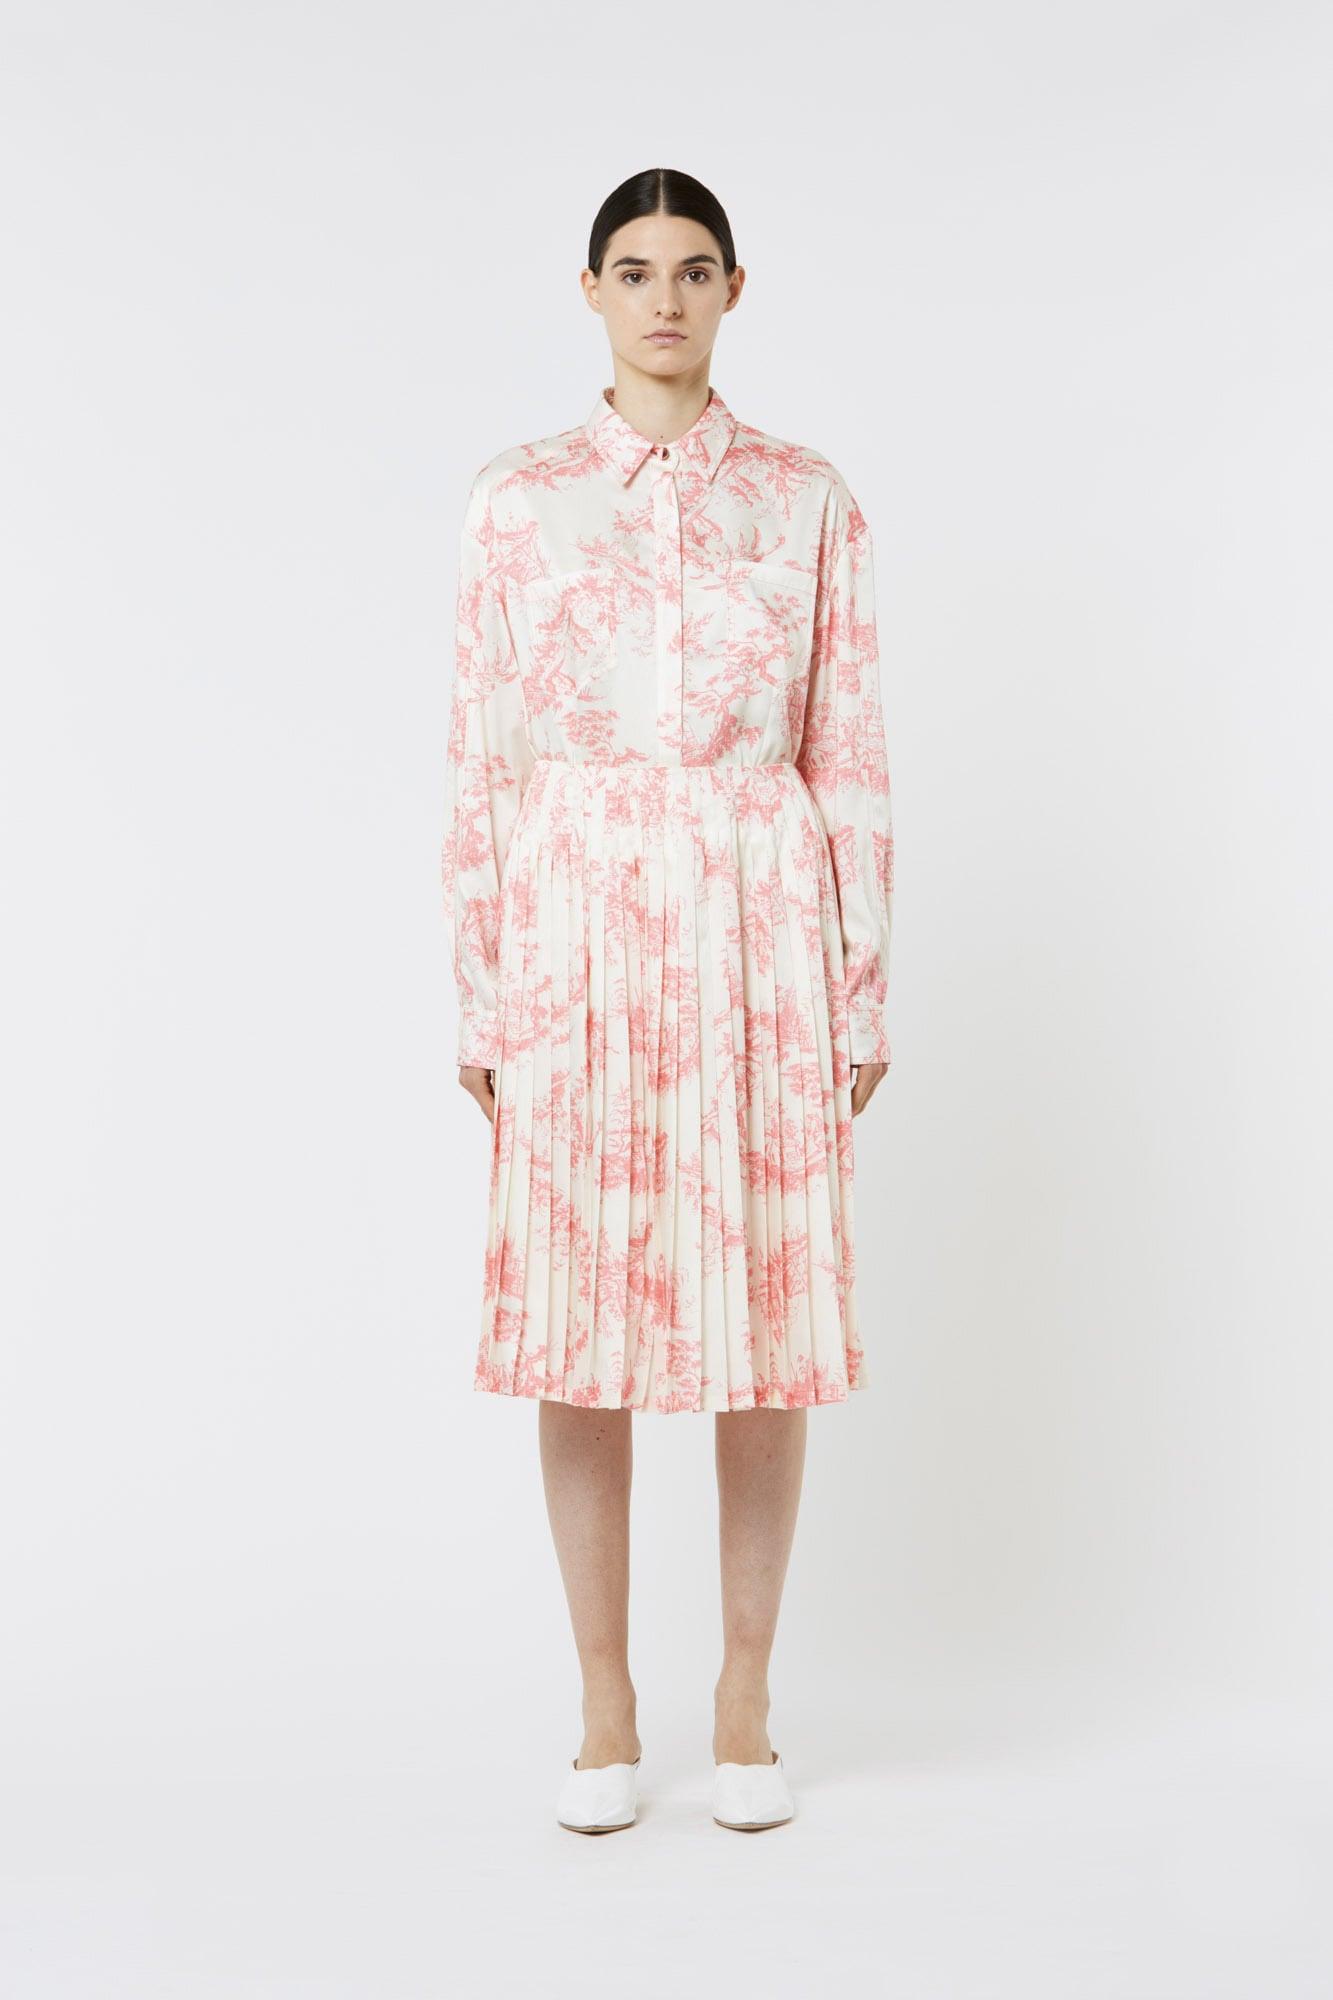 Toile de Jouy Shirt in Silk Twill